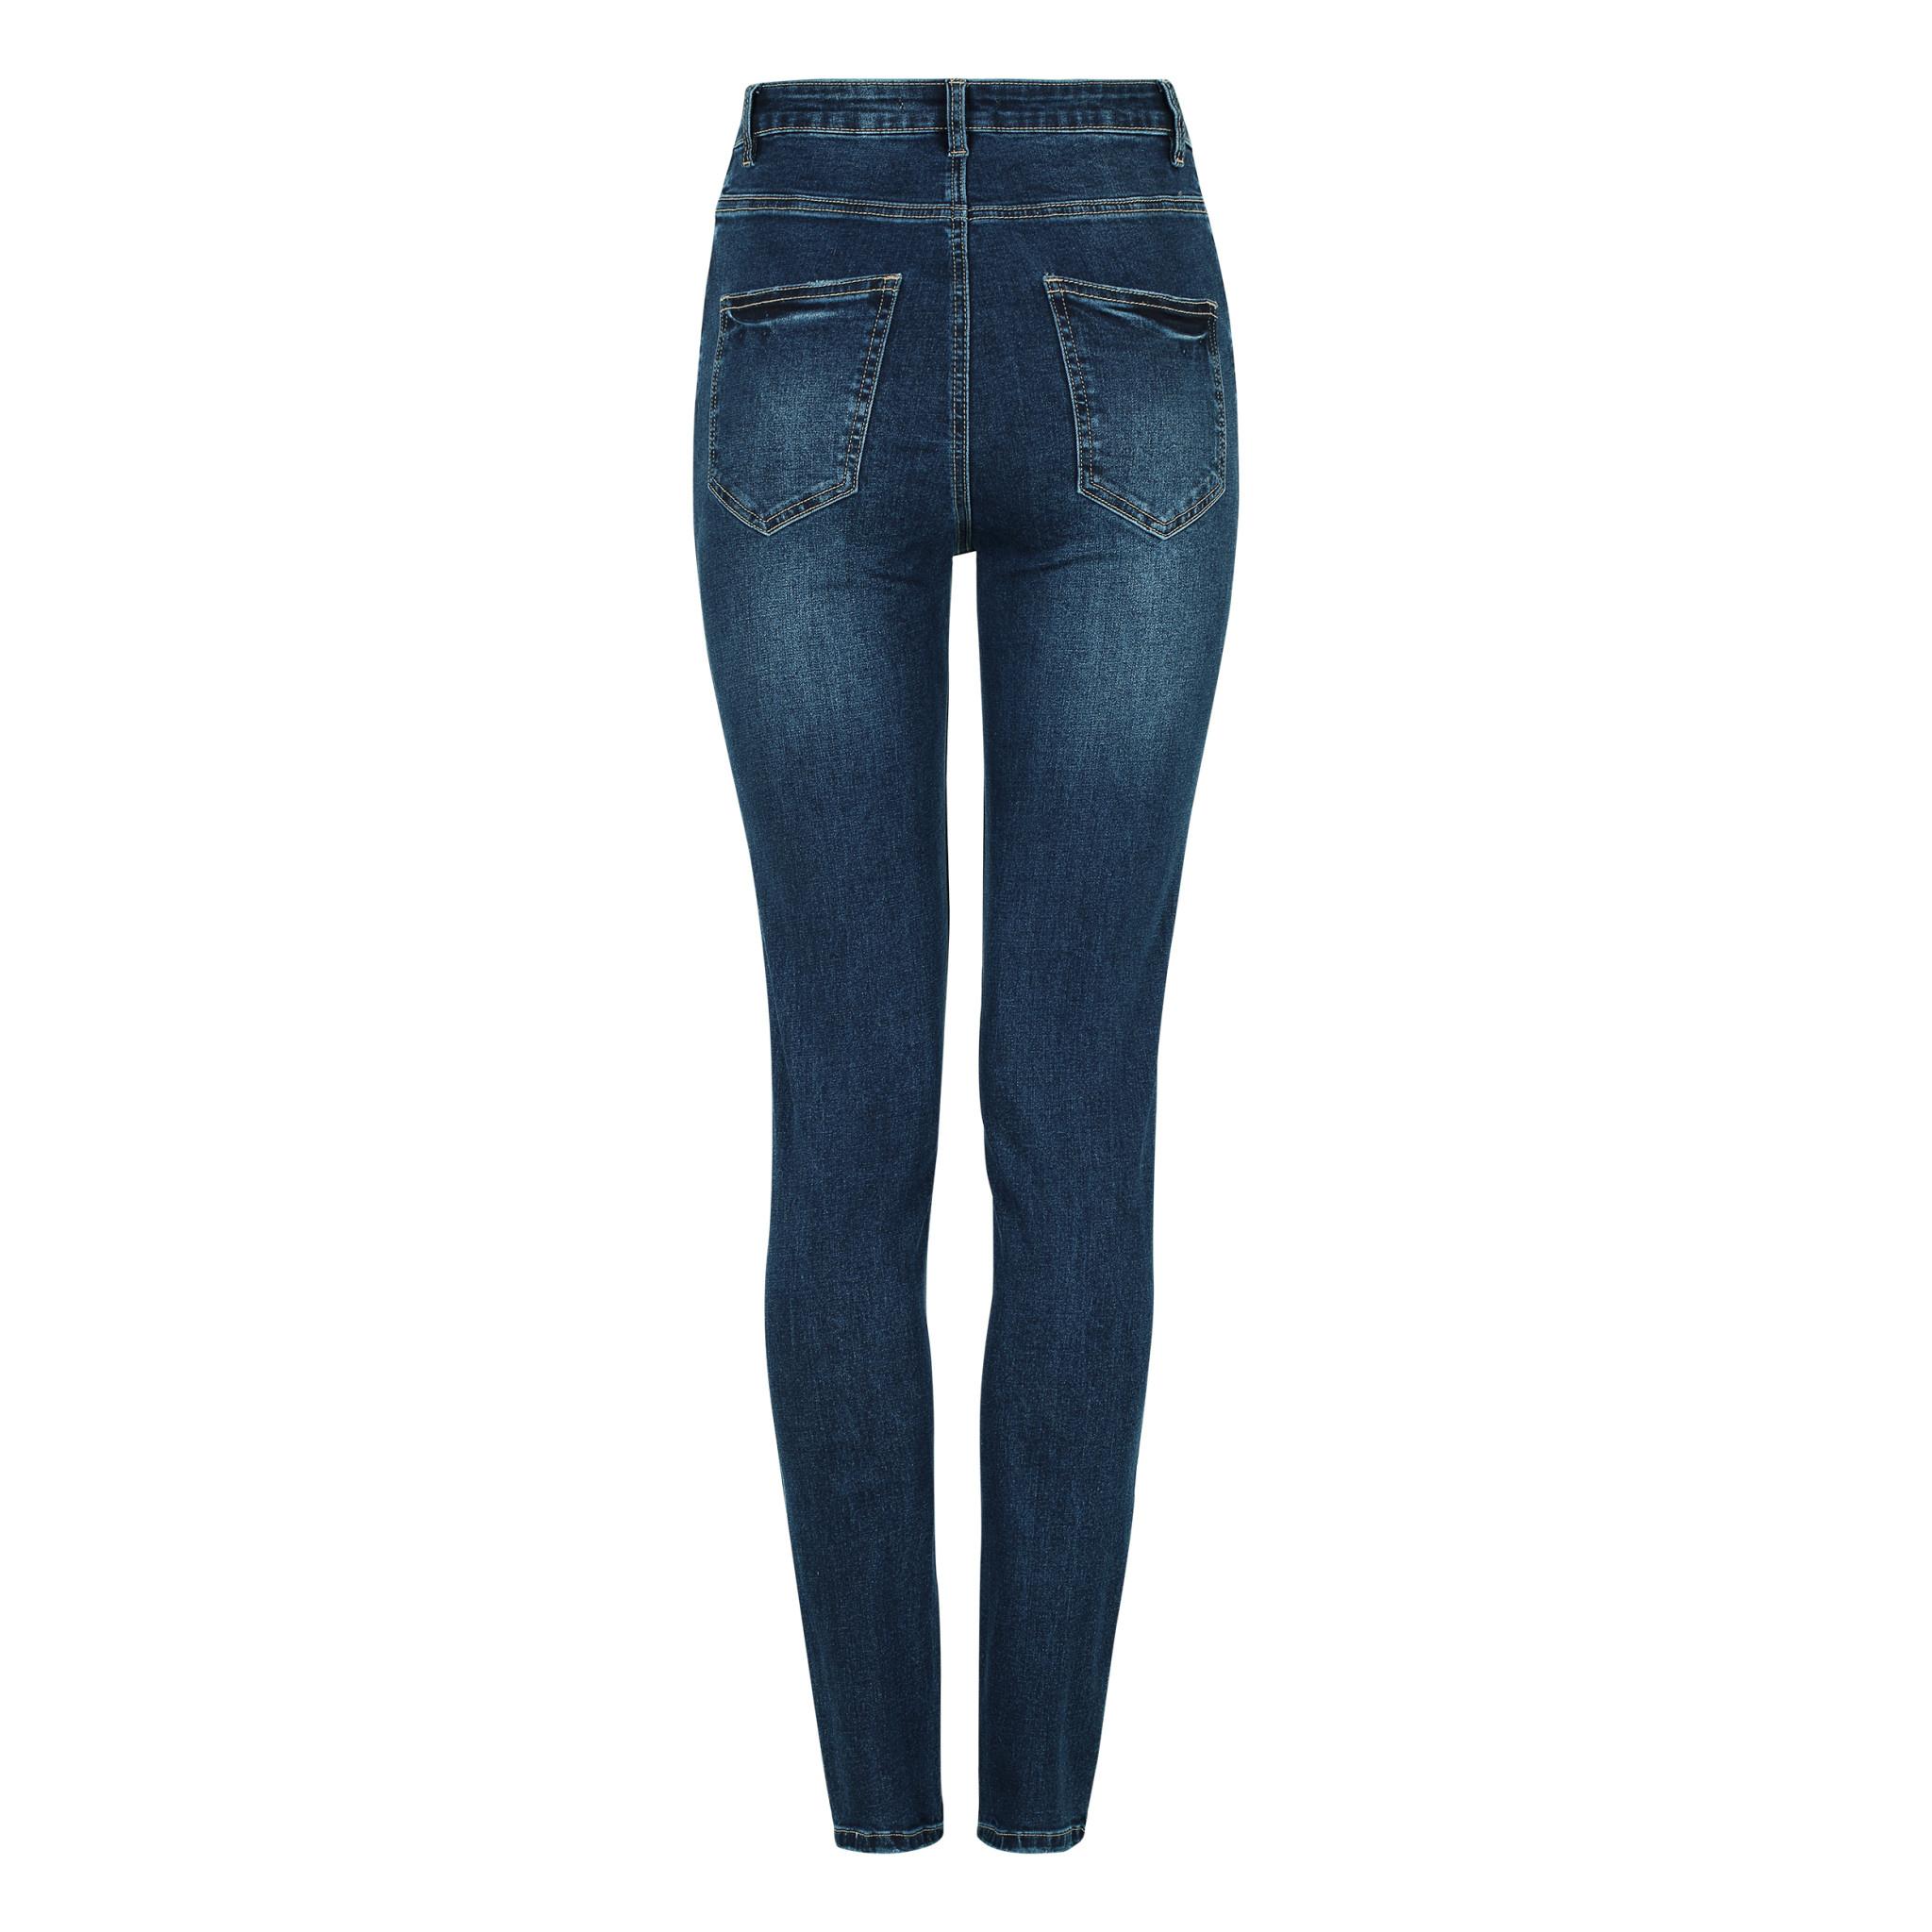 Soft Rebels Highwaist Slim Jeans - Dark Blue Wash - 805